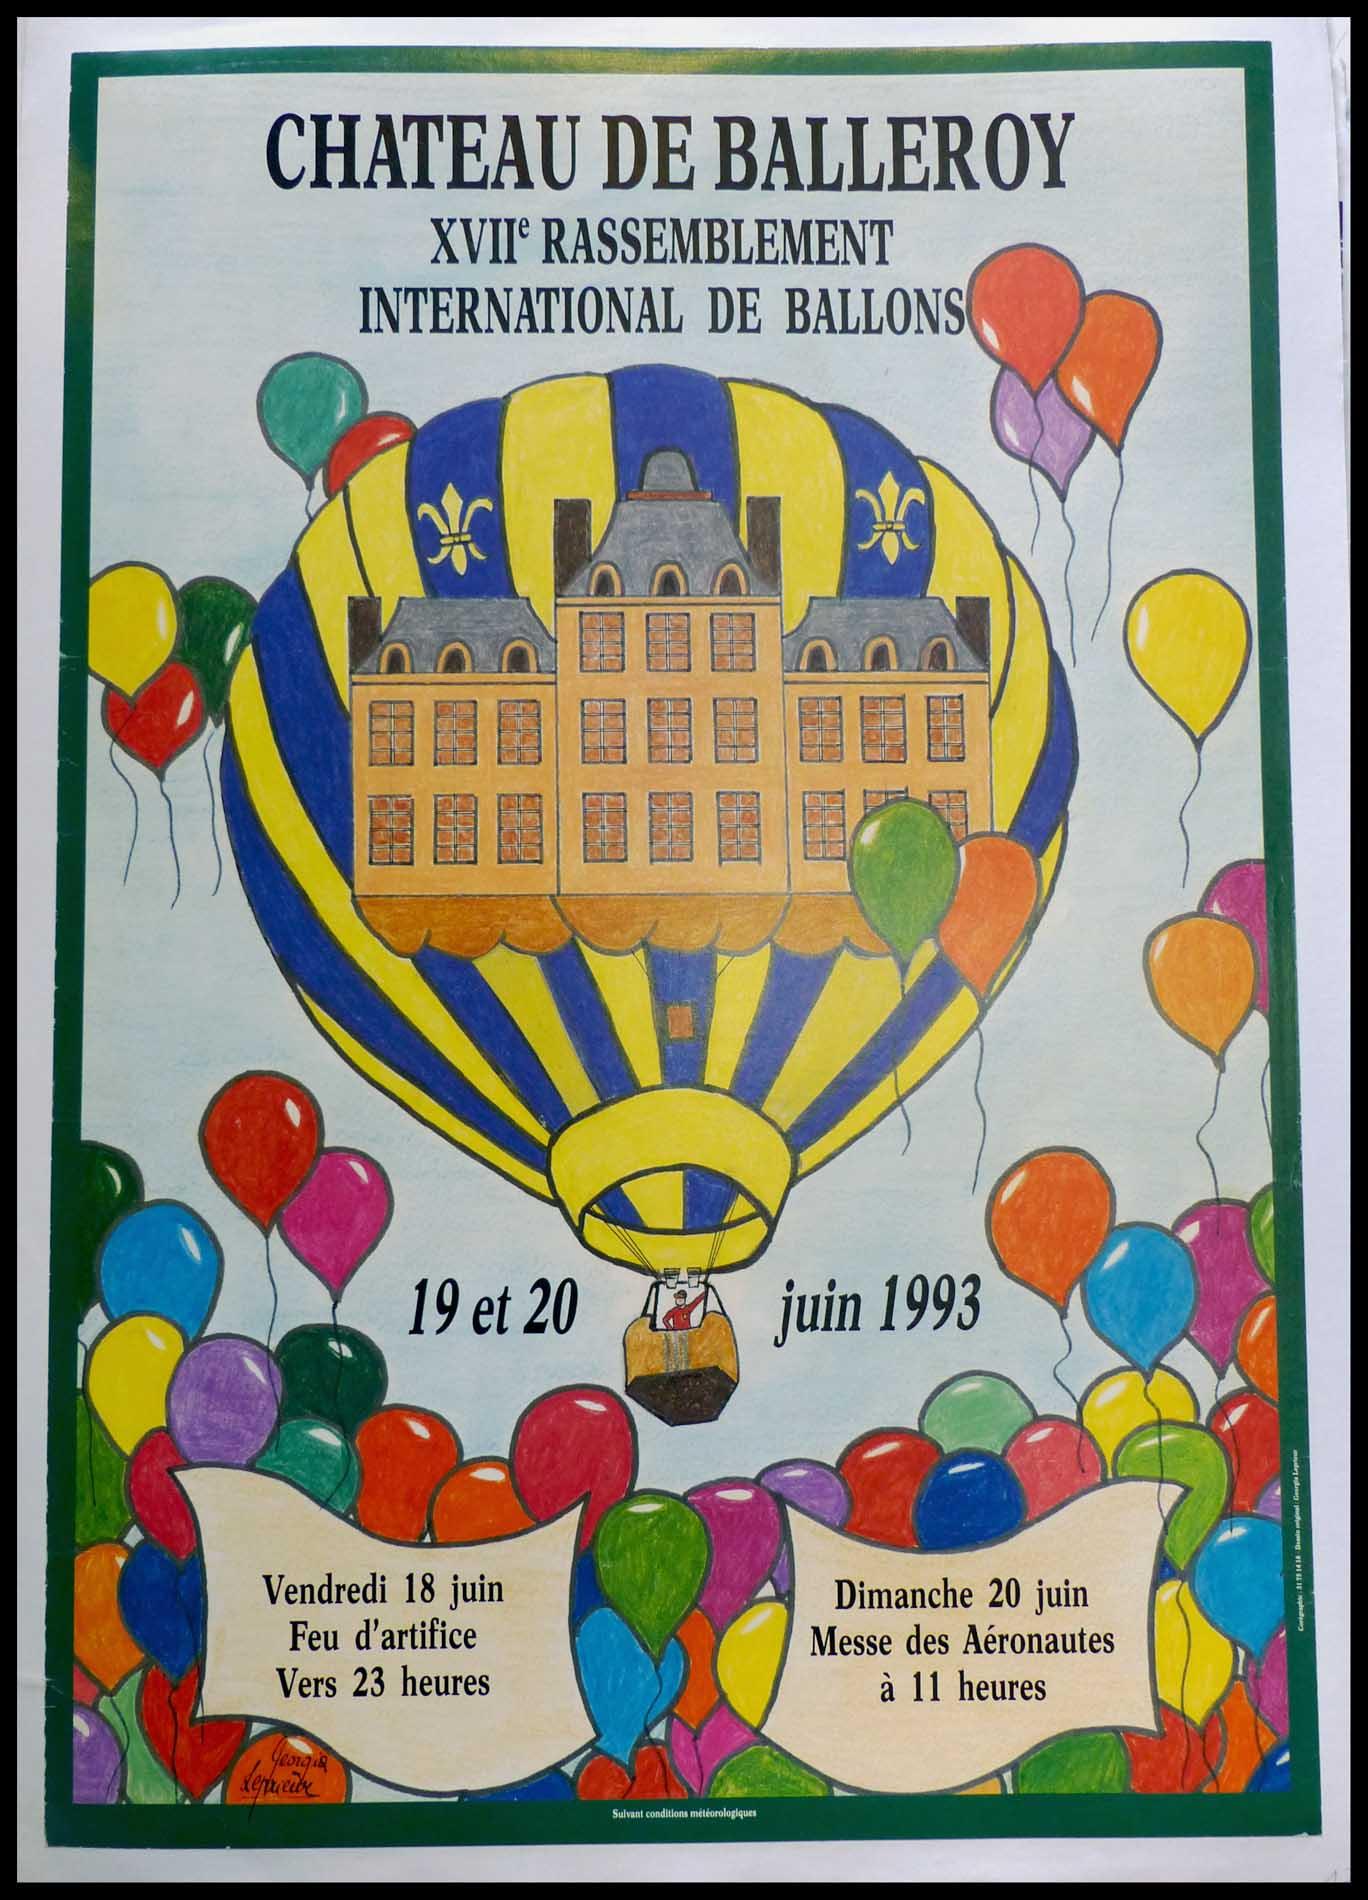 """(alt=""""Affiche originale - XVII Rassemblement International de Ballons au Chateau De Balleroy 1993, réalisée par LEPRIEUR et imprimée par SP"""")"""